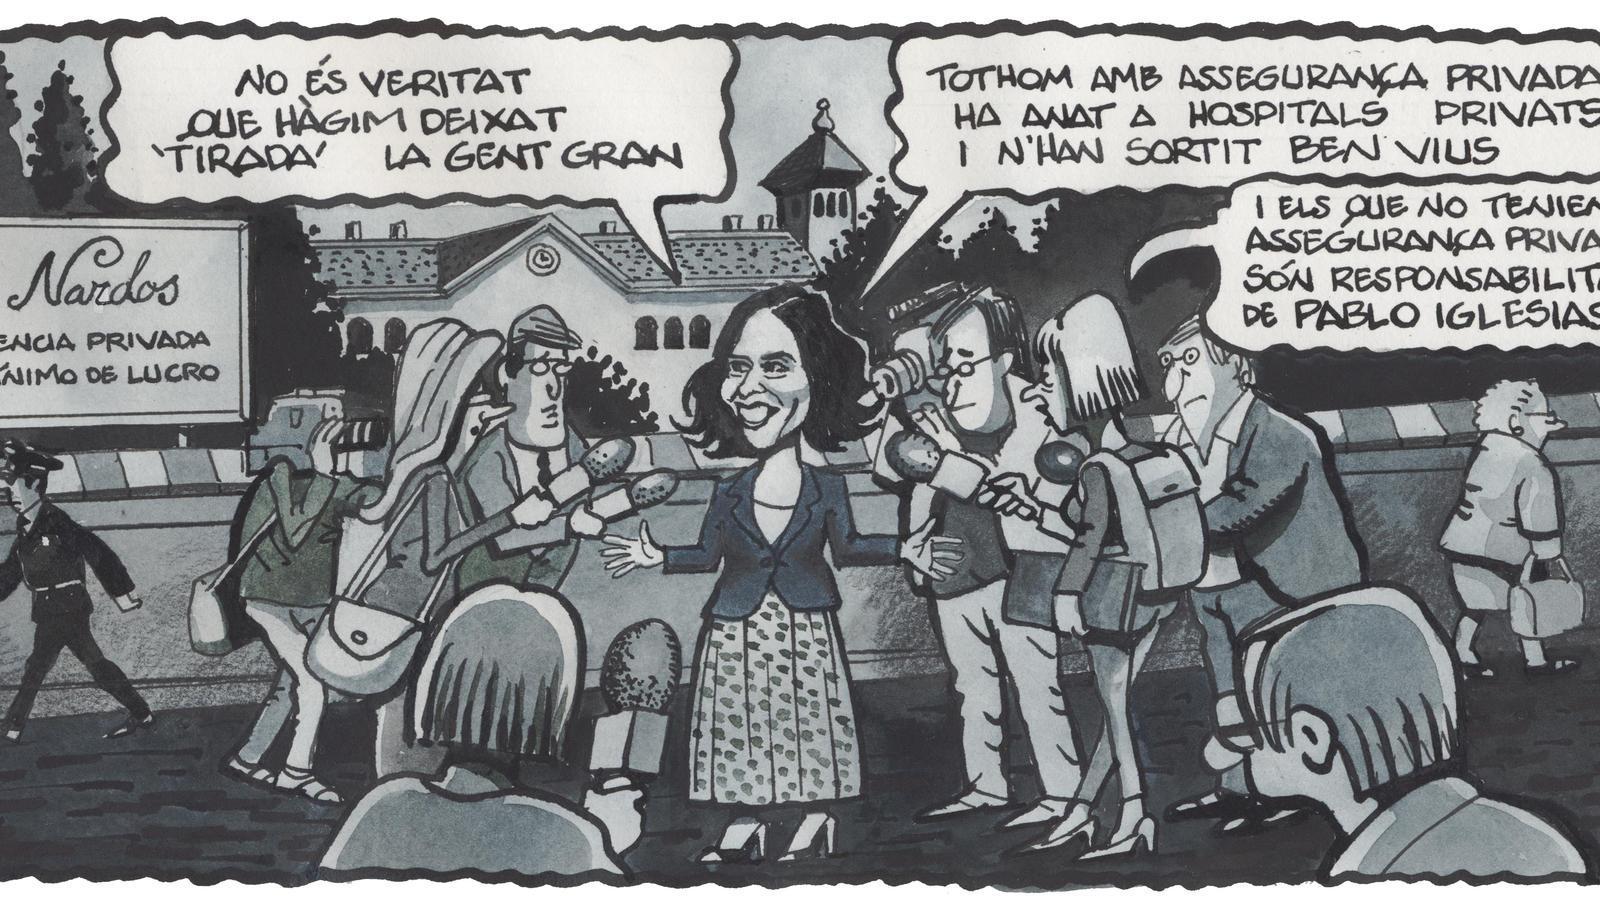 'A la contra', per Ferreres 21/06/2020